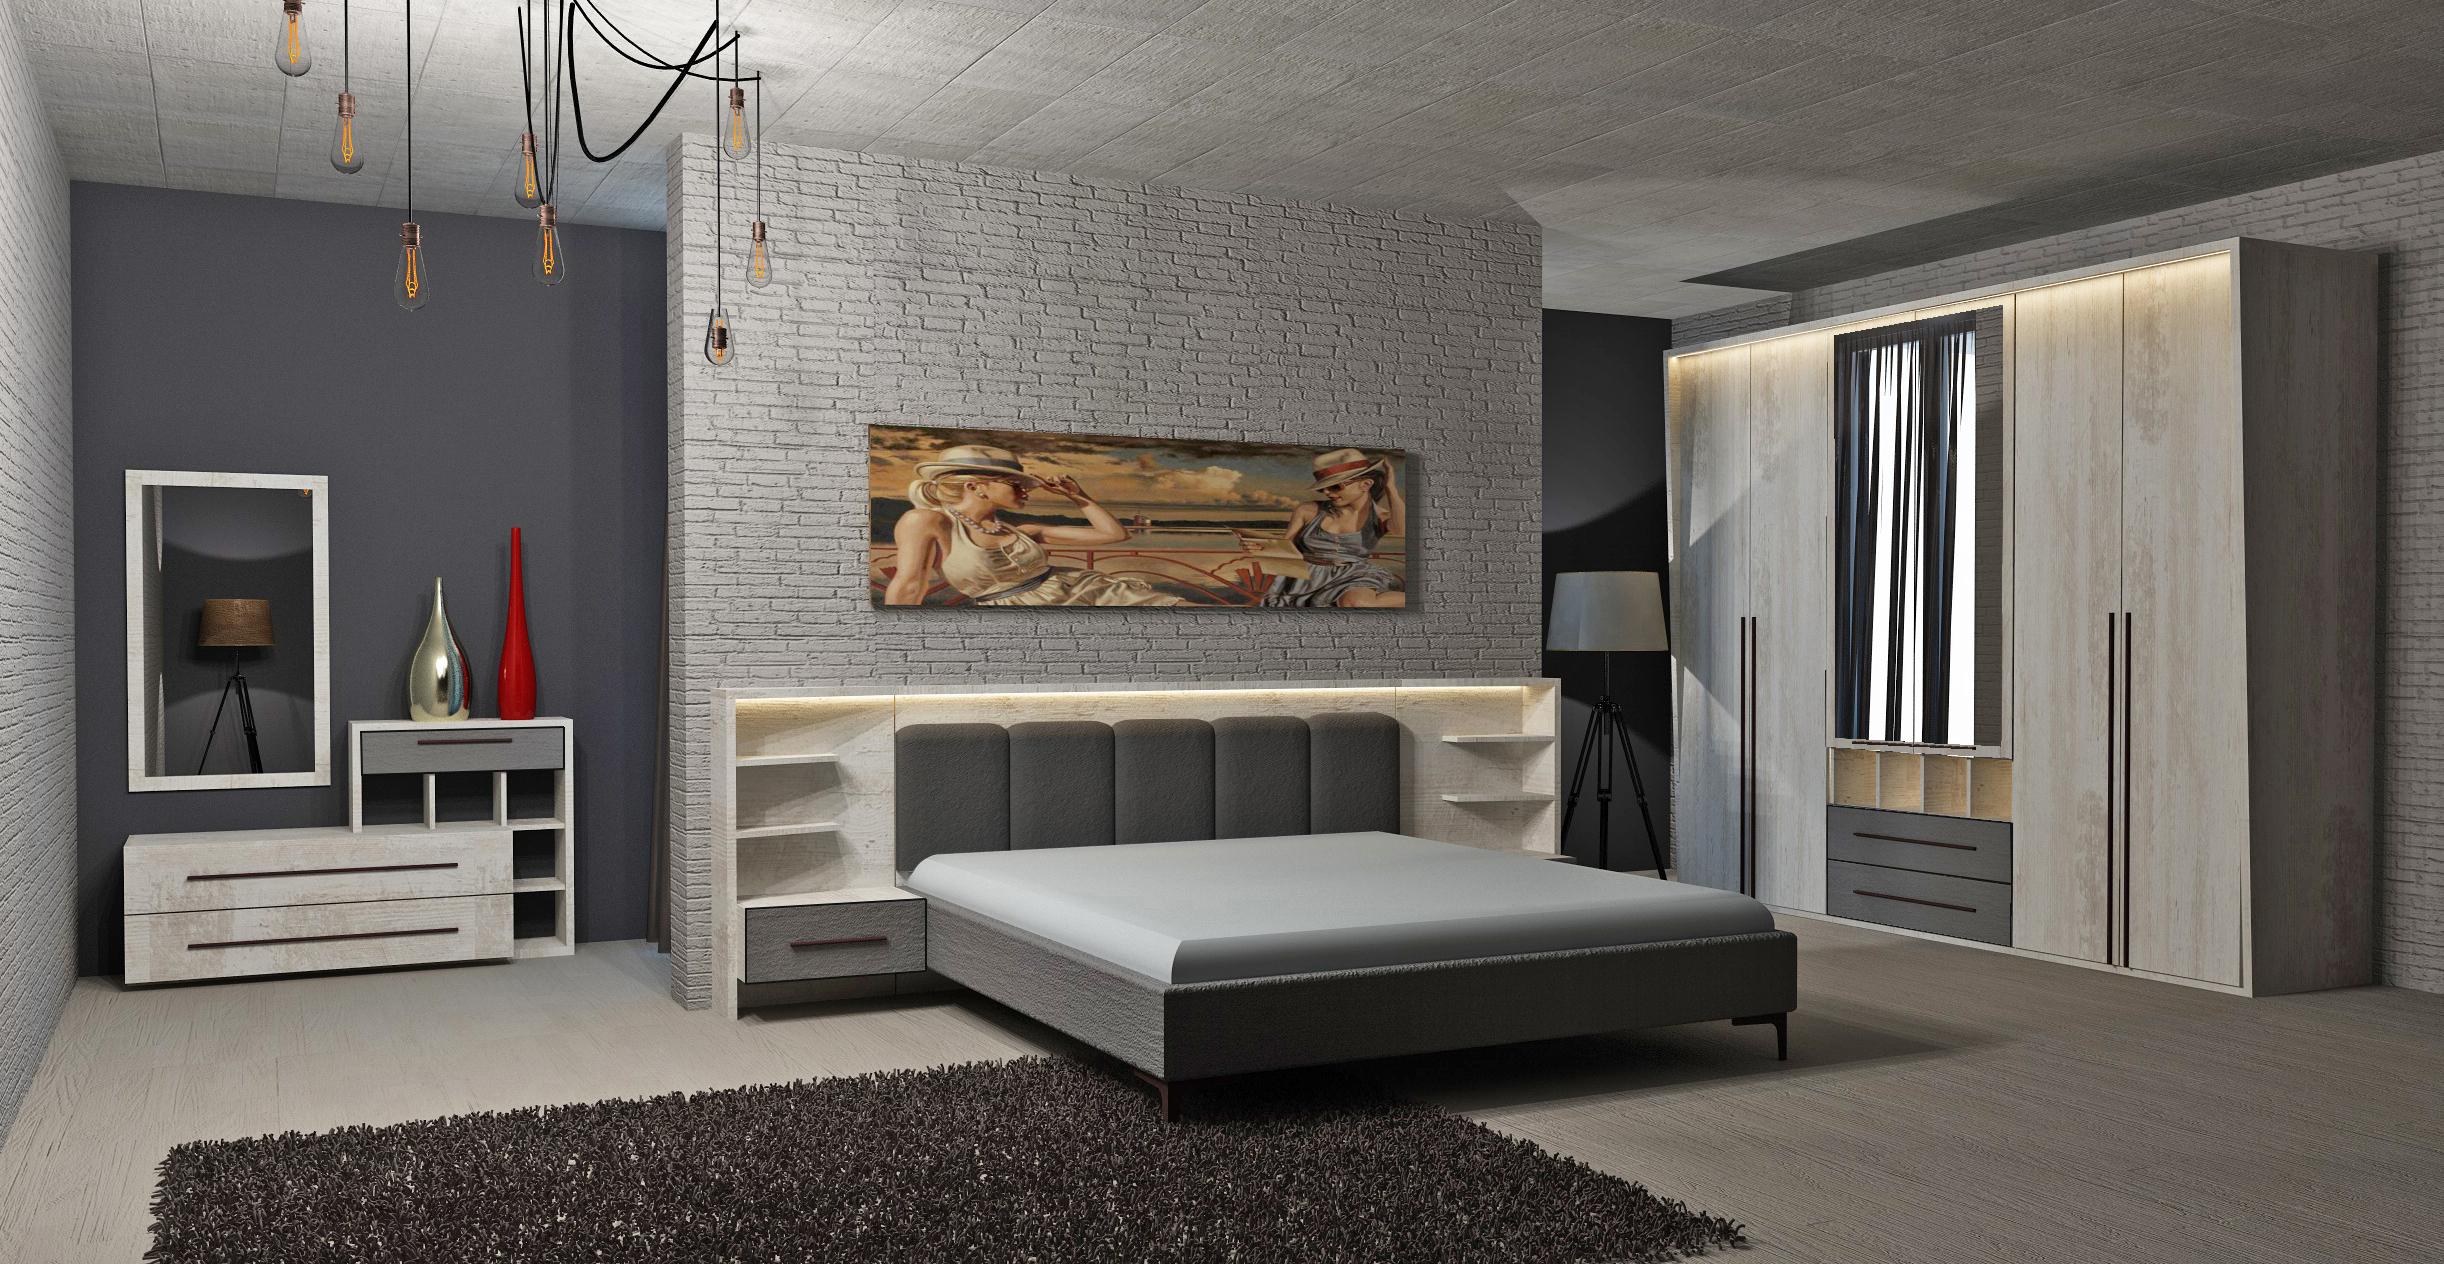 Schlafzimmer Set Eden in Weiß Grau